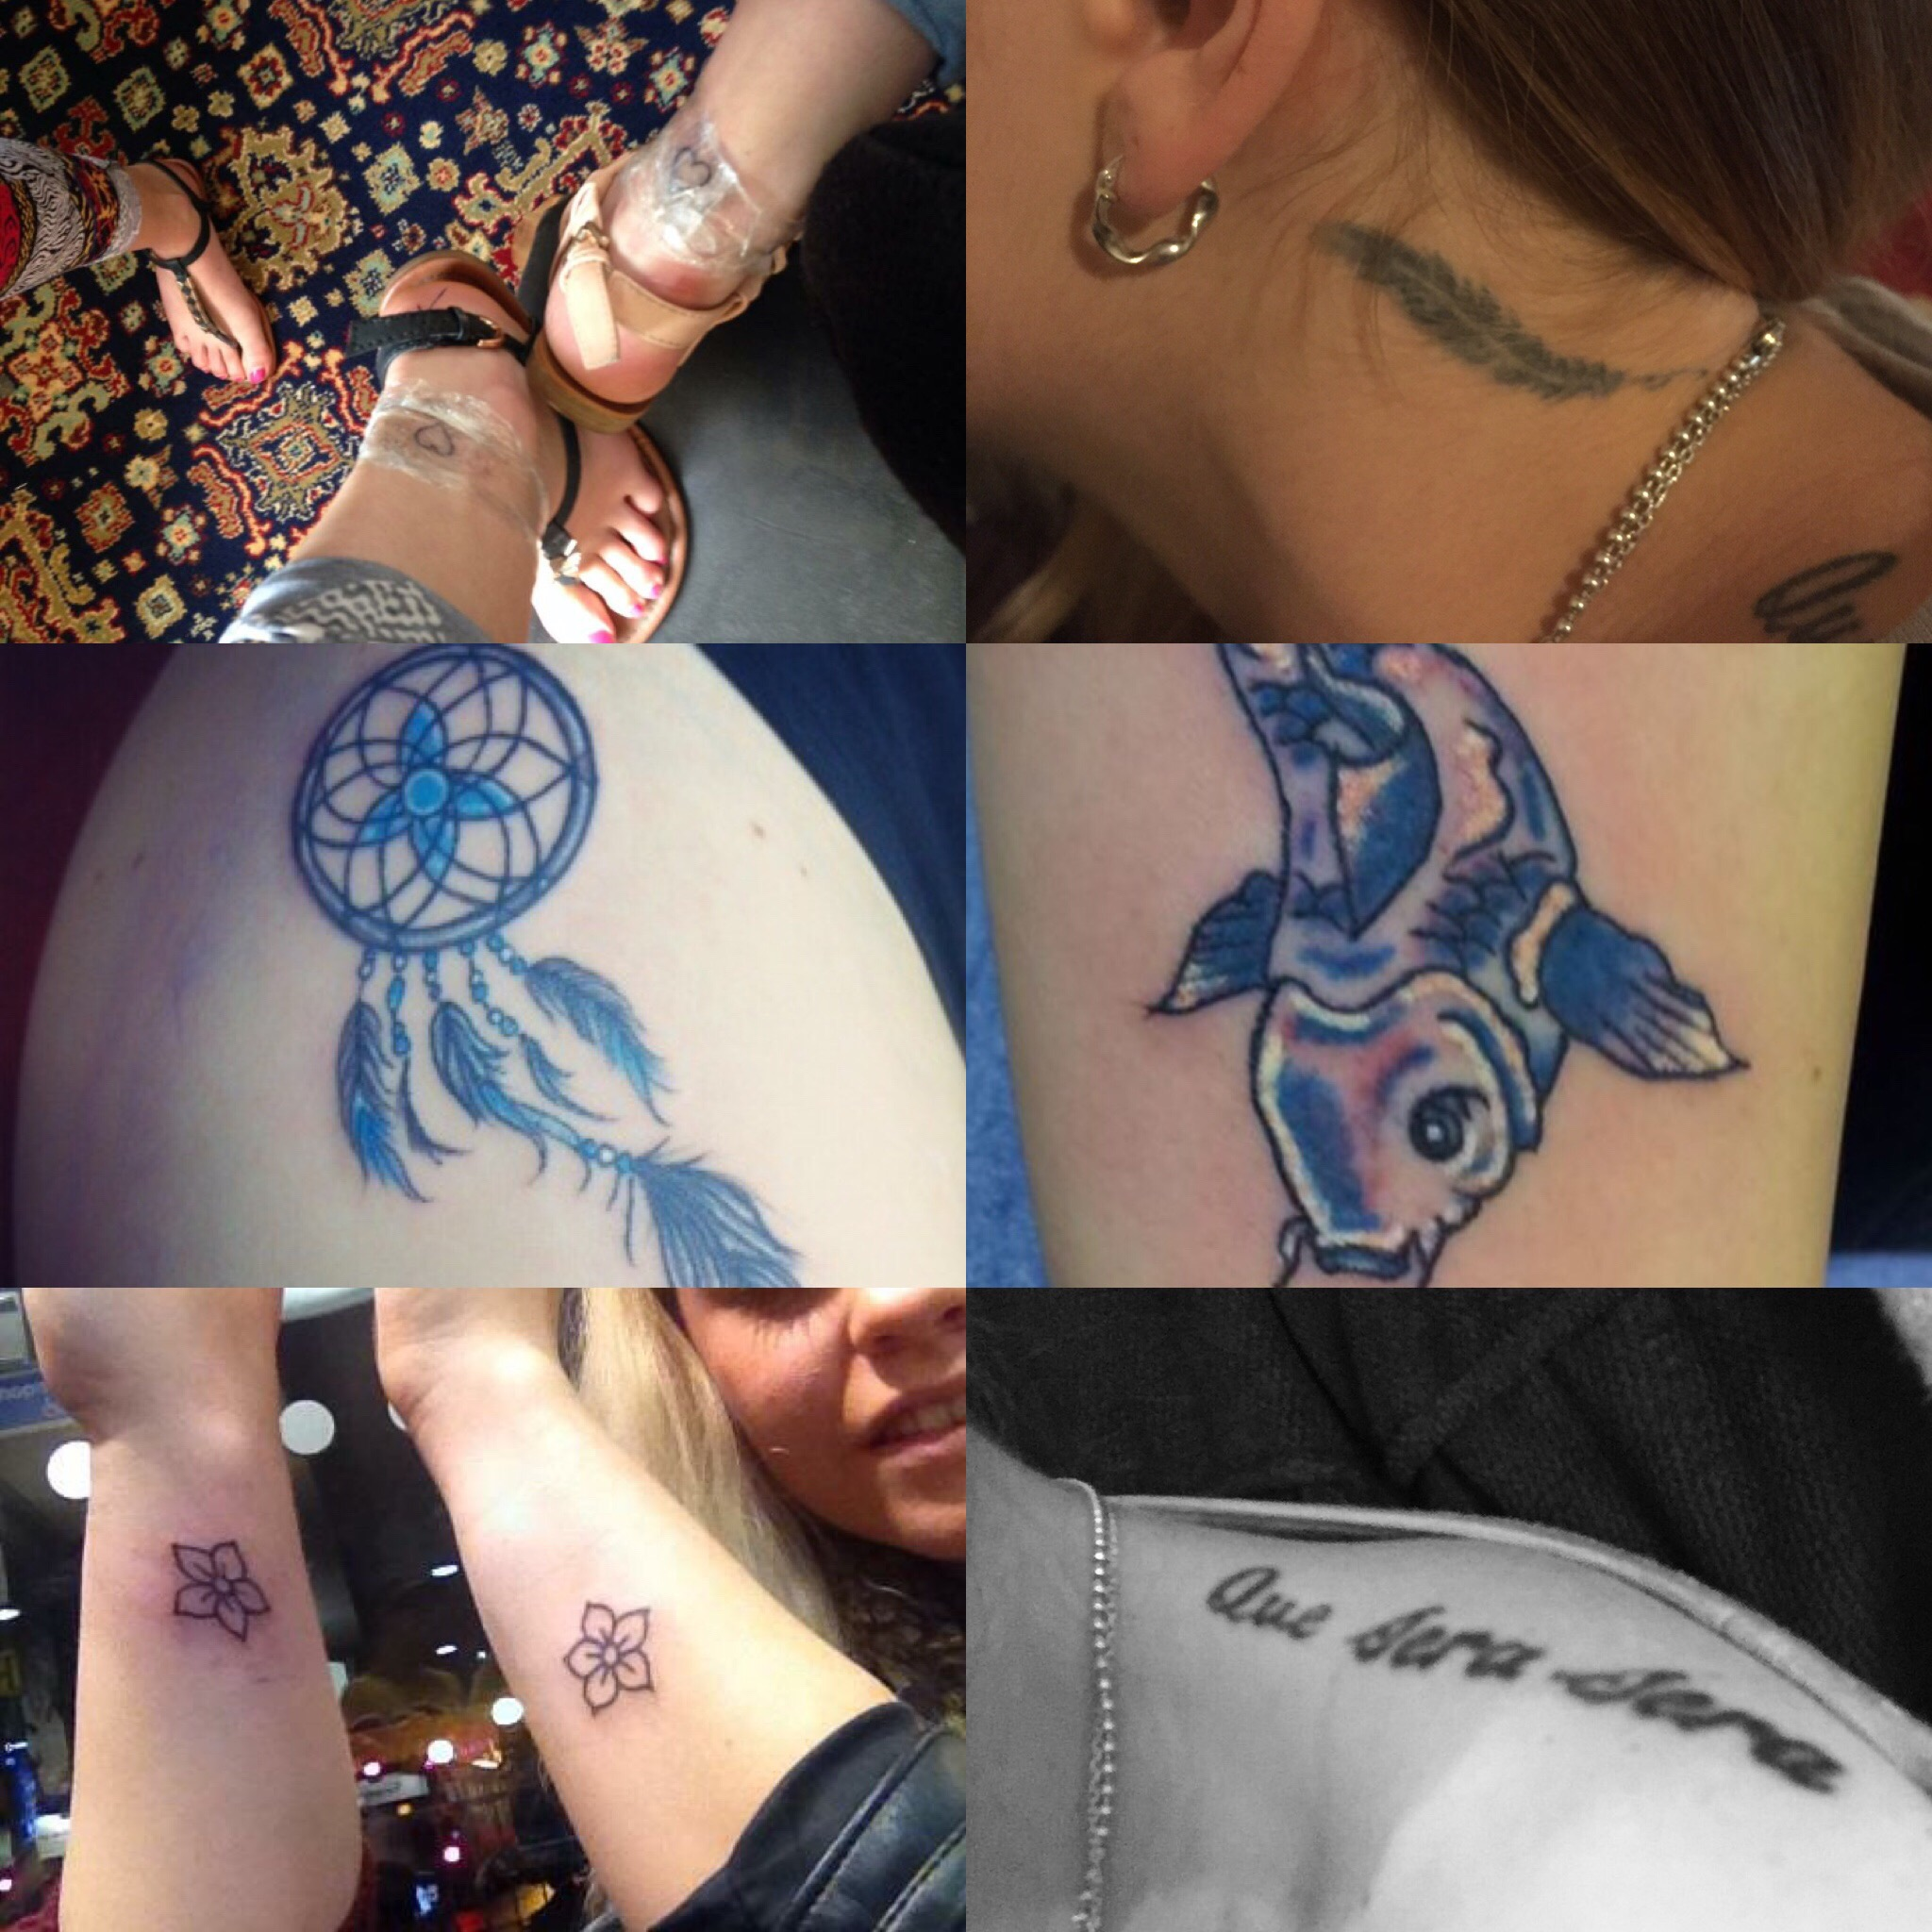 Regretting tattoos…